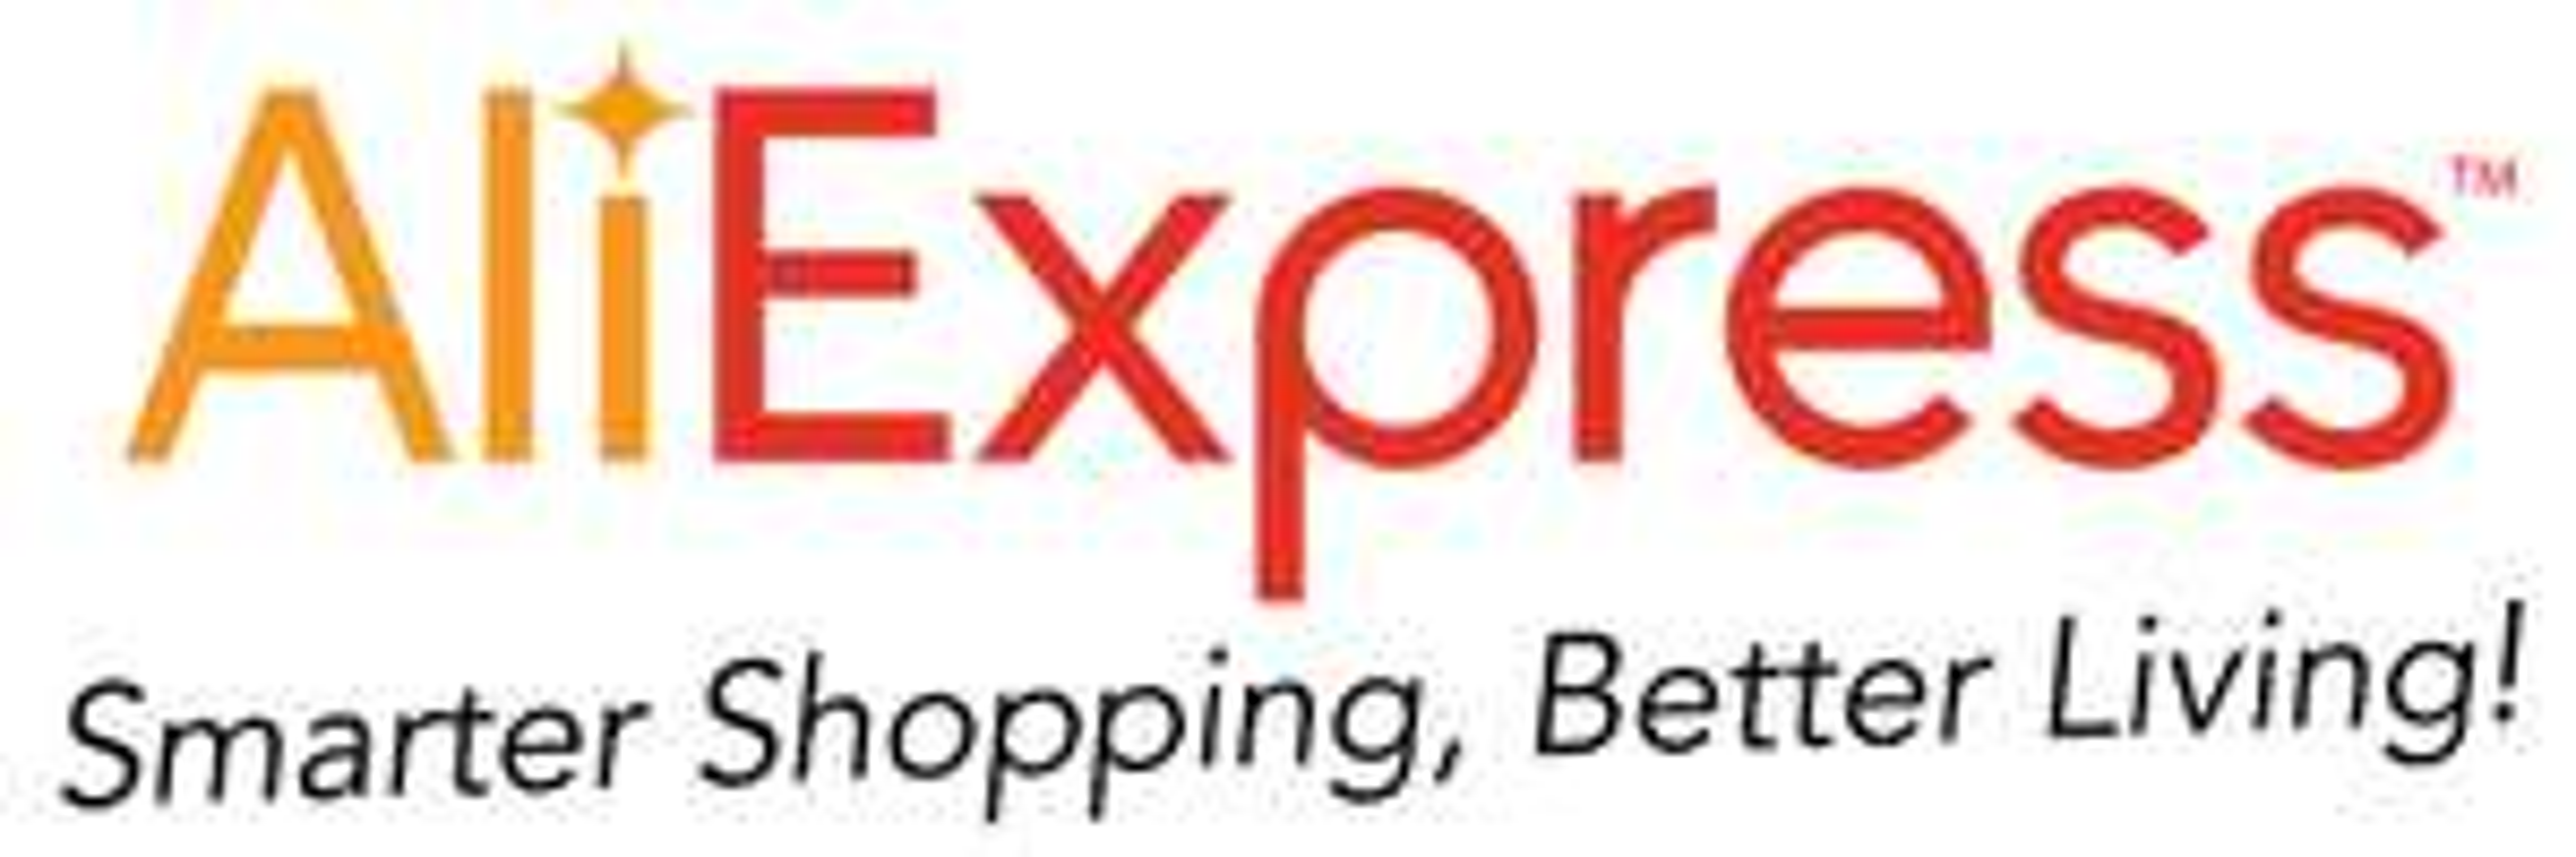 Sélection de coupons promotionnels (en téléchargeant l'application) - Ex : 50$ (45,91€) de réduction dès 500$ (459,09€) d'achat